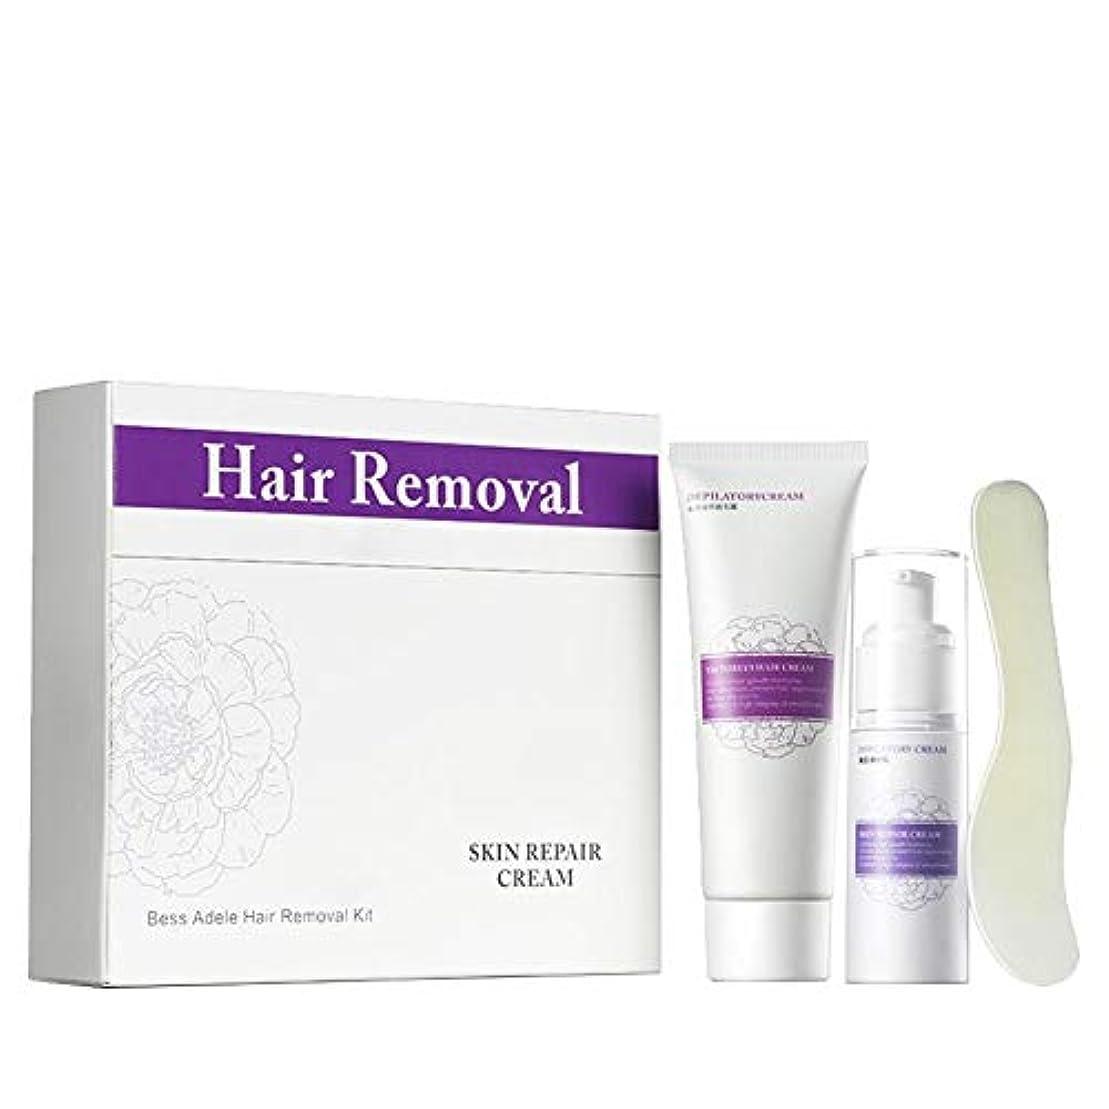 脱毛クリームセット 男性 女性脱毛クリーム 半永久 除毛クリーム 脇の下用脱毛 脱毛ワックス 陰部 使用可能